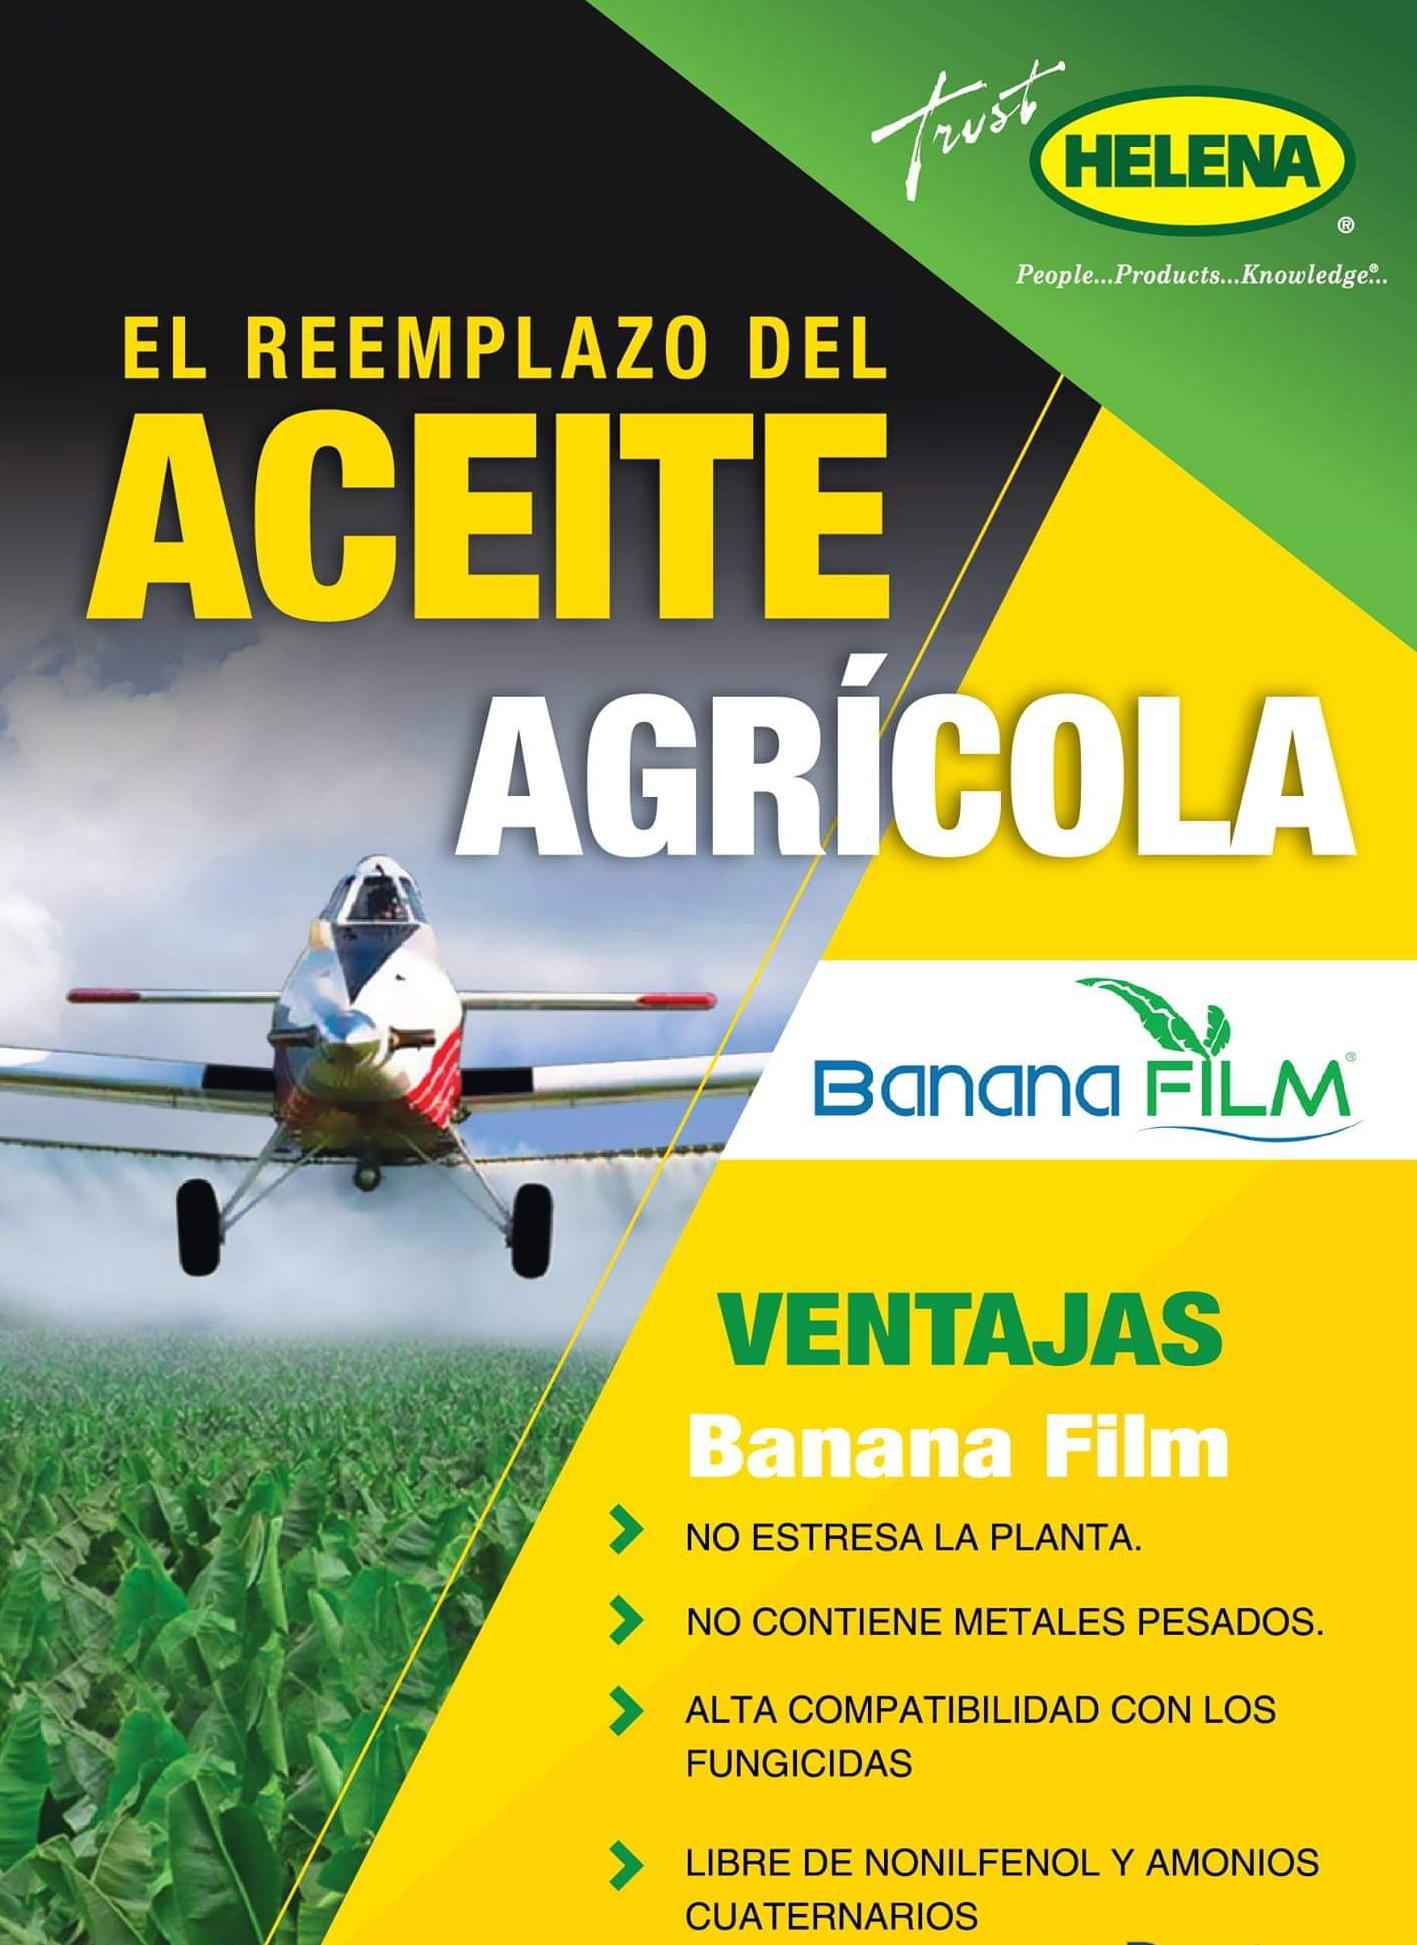 Banana-Film-Trust-Helena-Eurofert.jpg